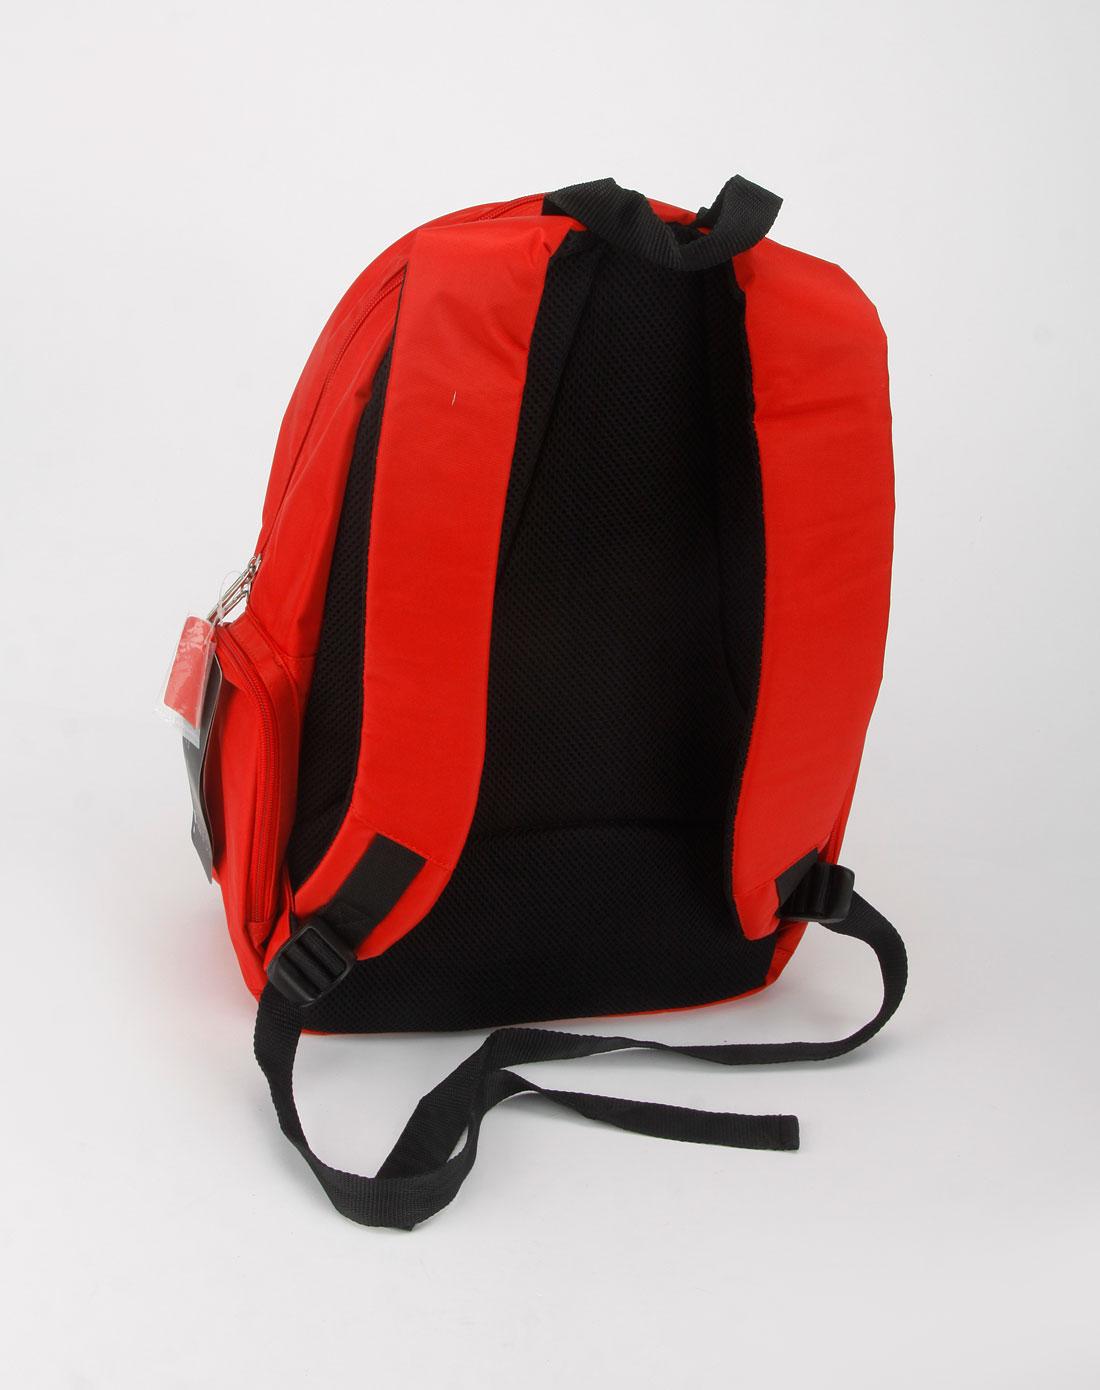 中性红色双肩背包